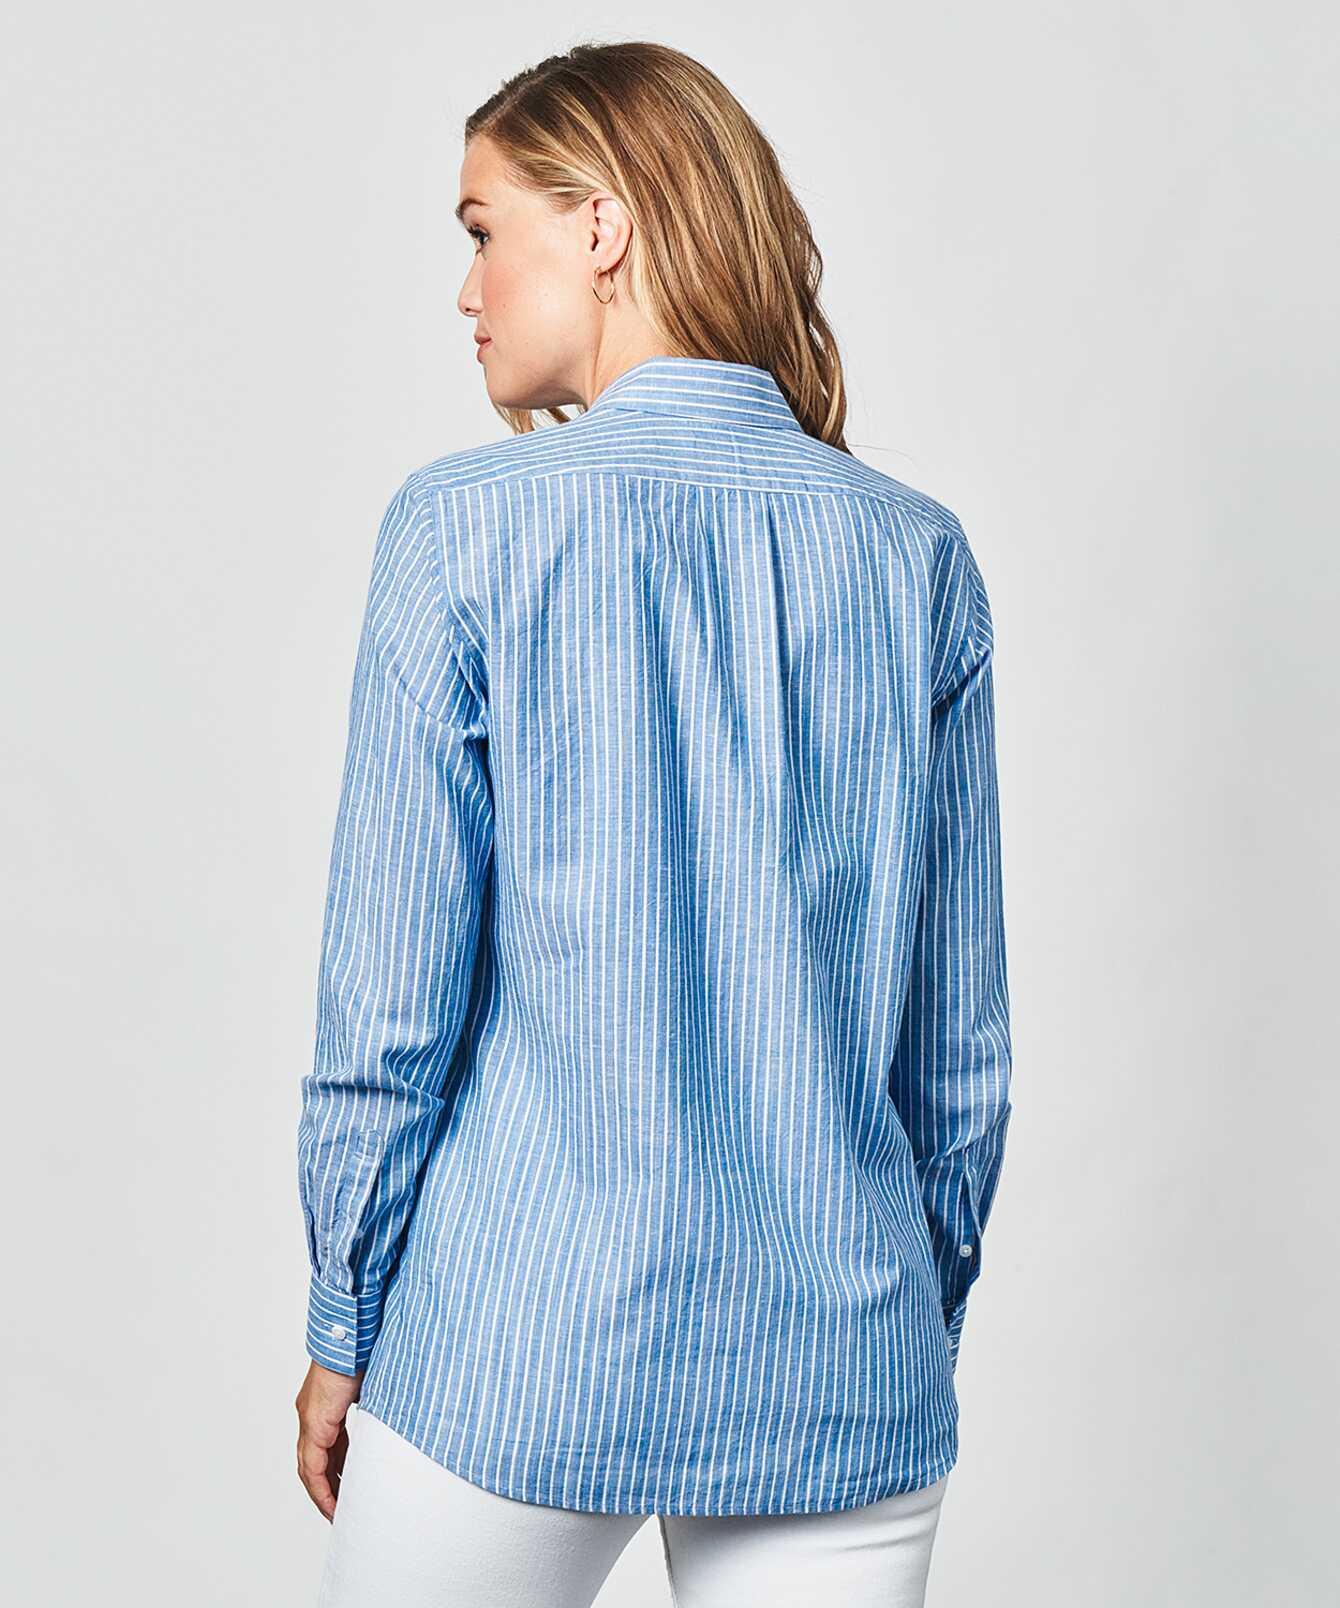 Shirt Mickan Breeze The Shirt Factory